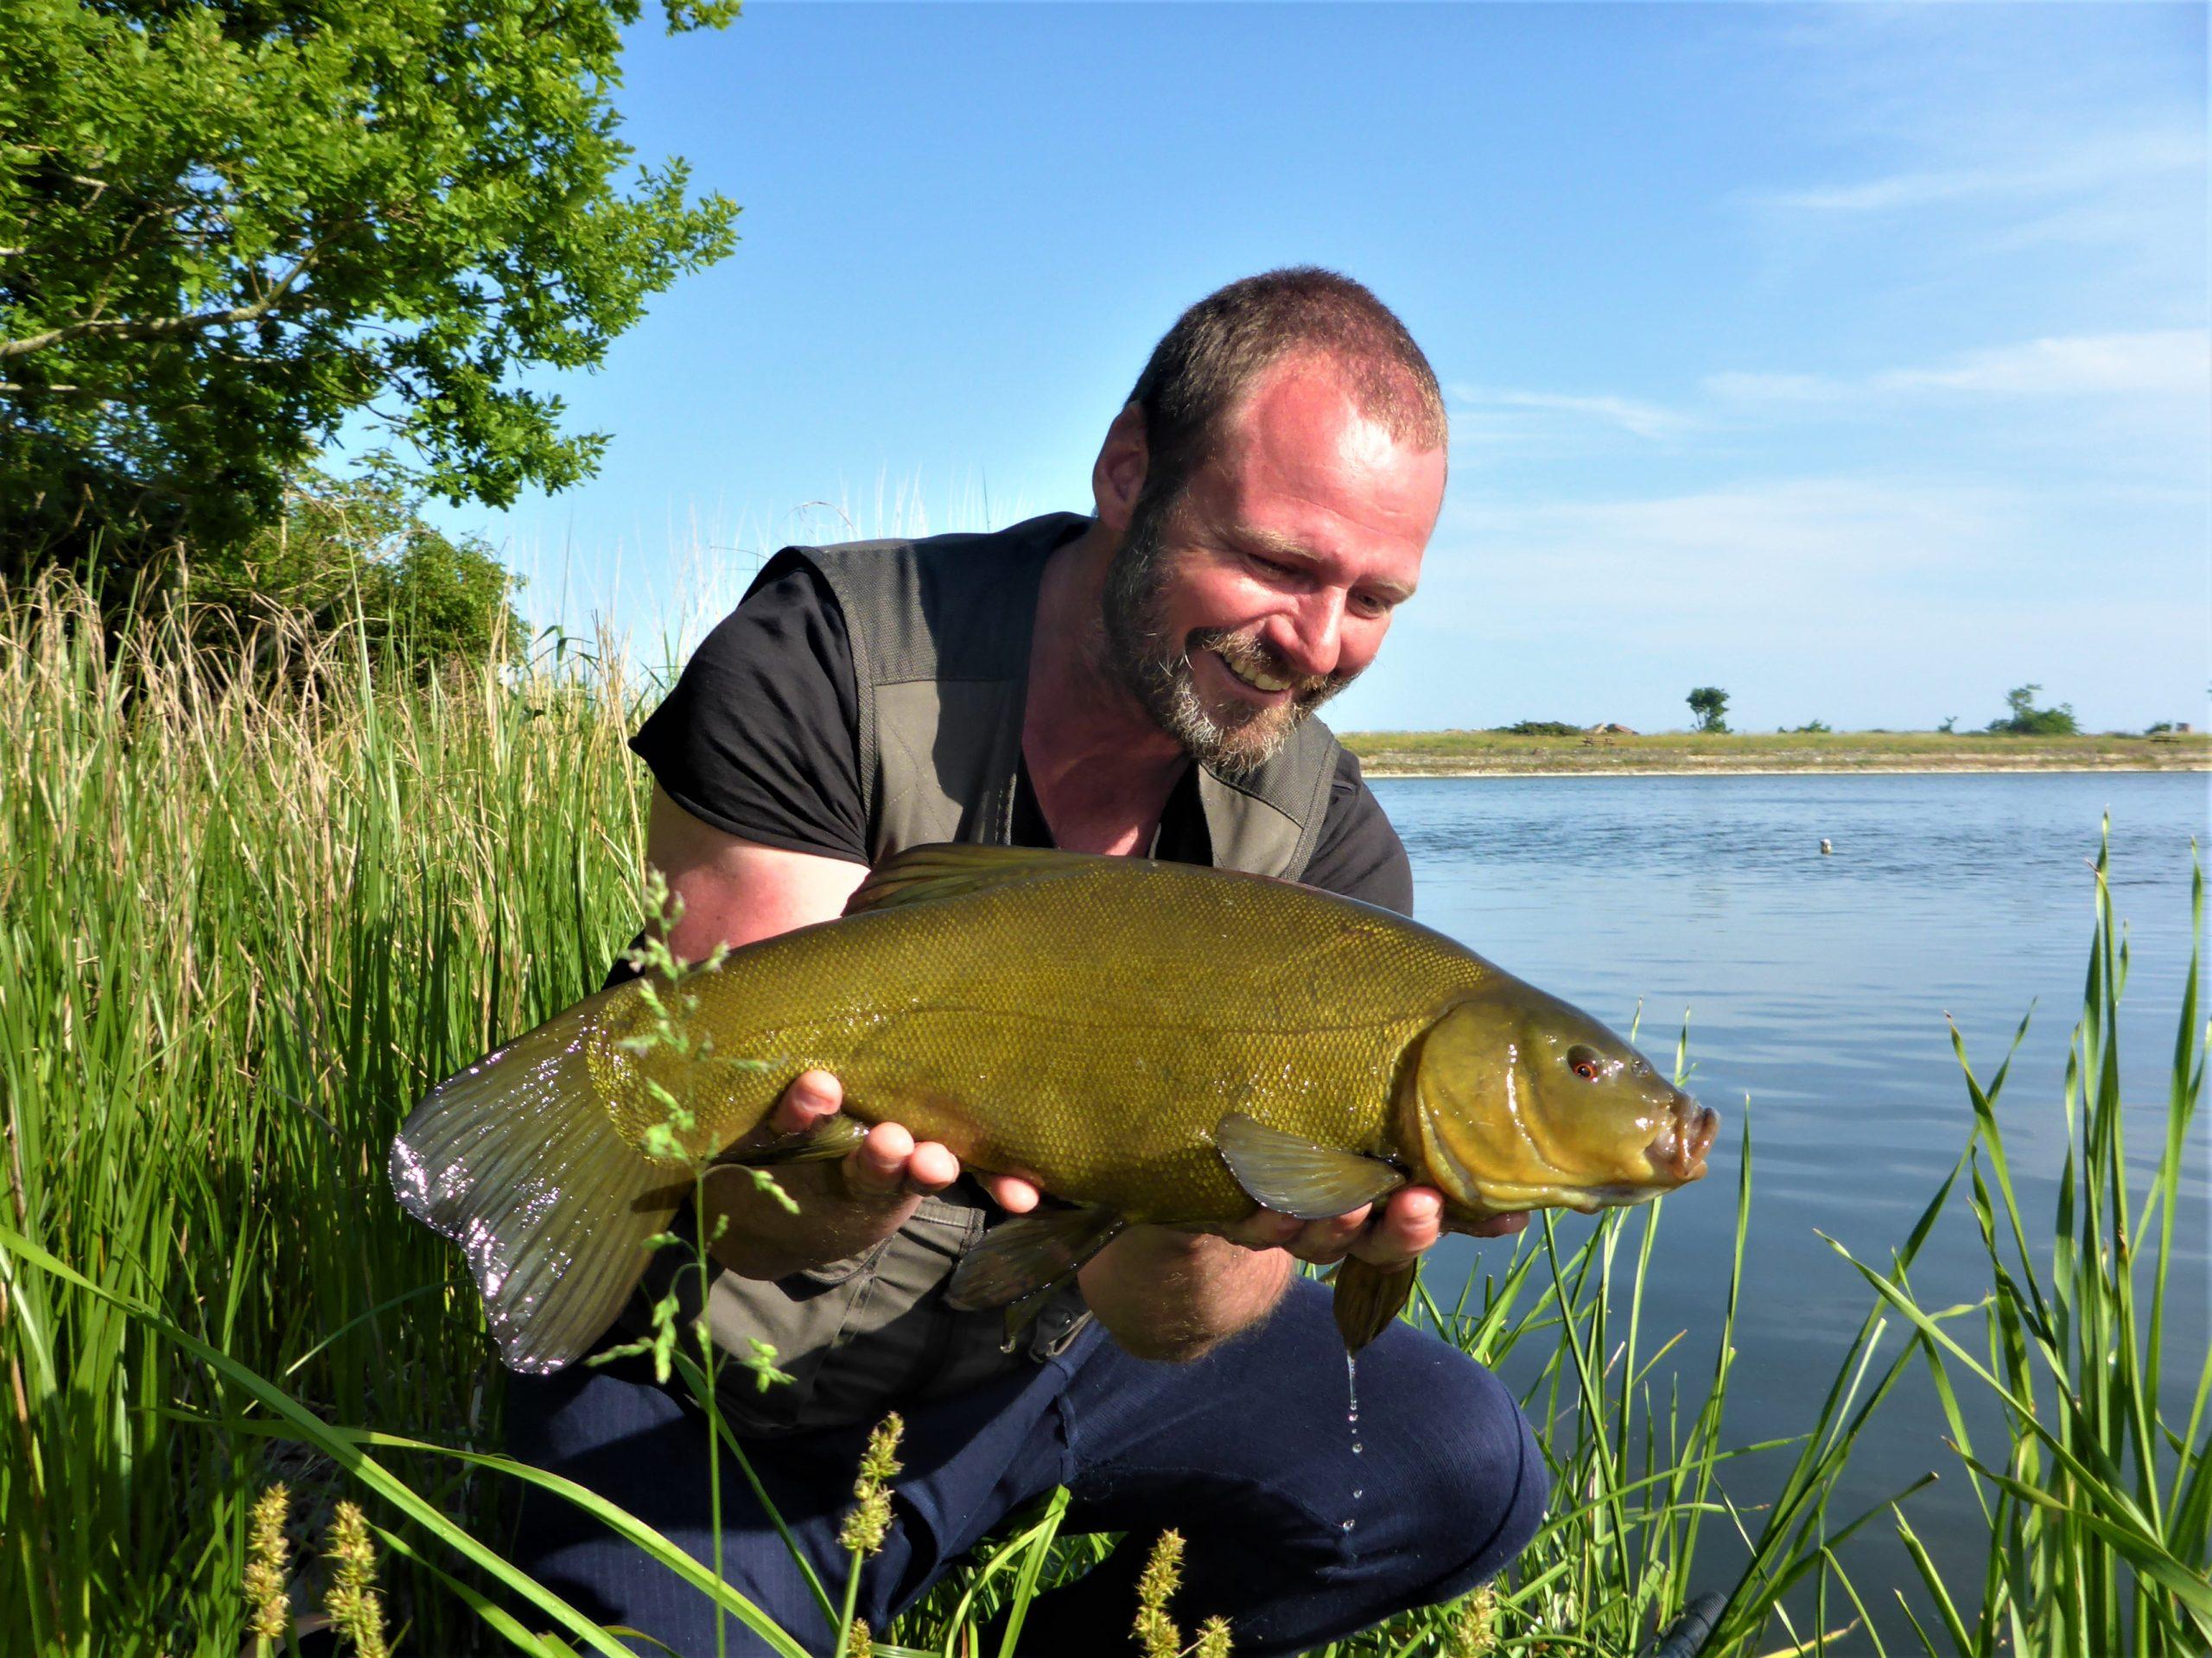 Lystfiskeri efter sudere på Bornholm, kan foregå i mange af øens søer.